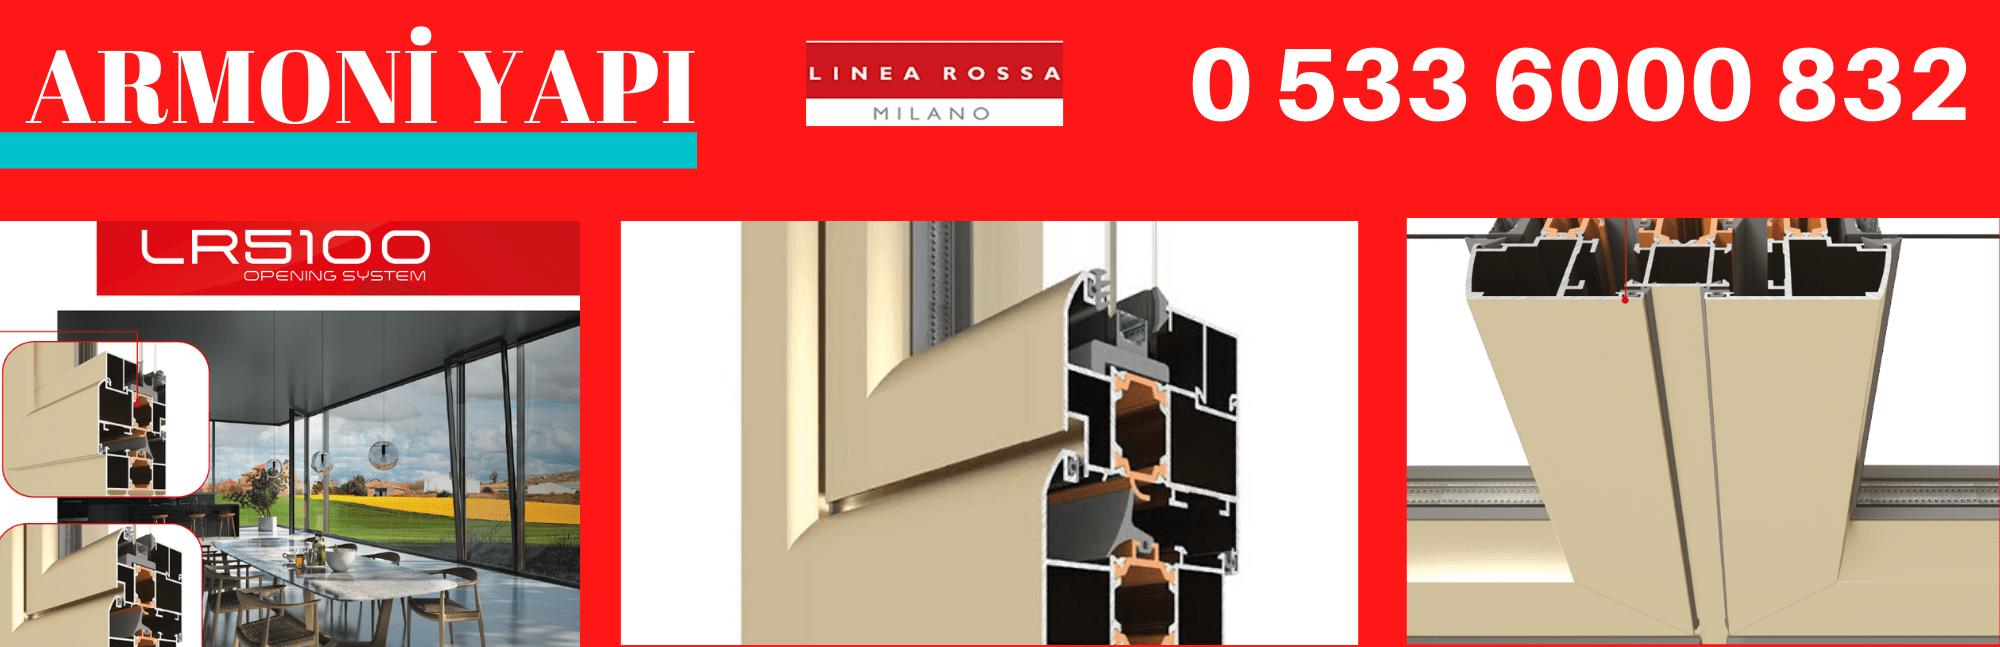 Linea Rossa LR-5100 açılır kapı pencere